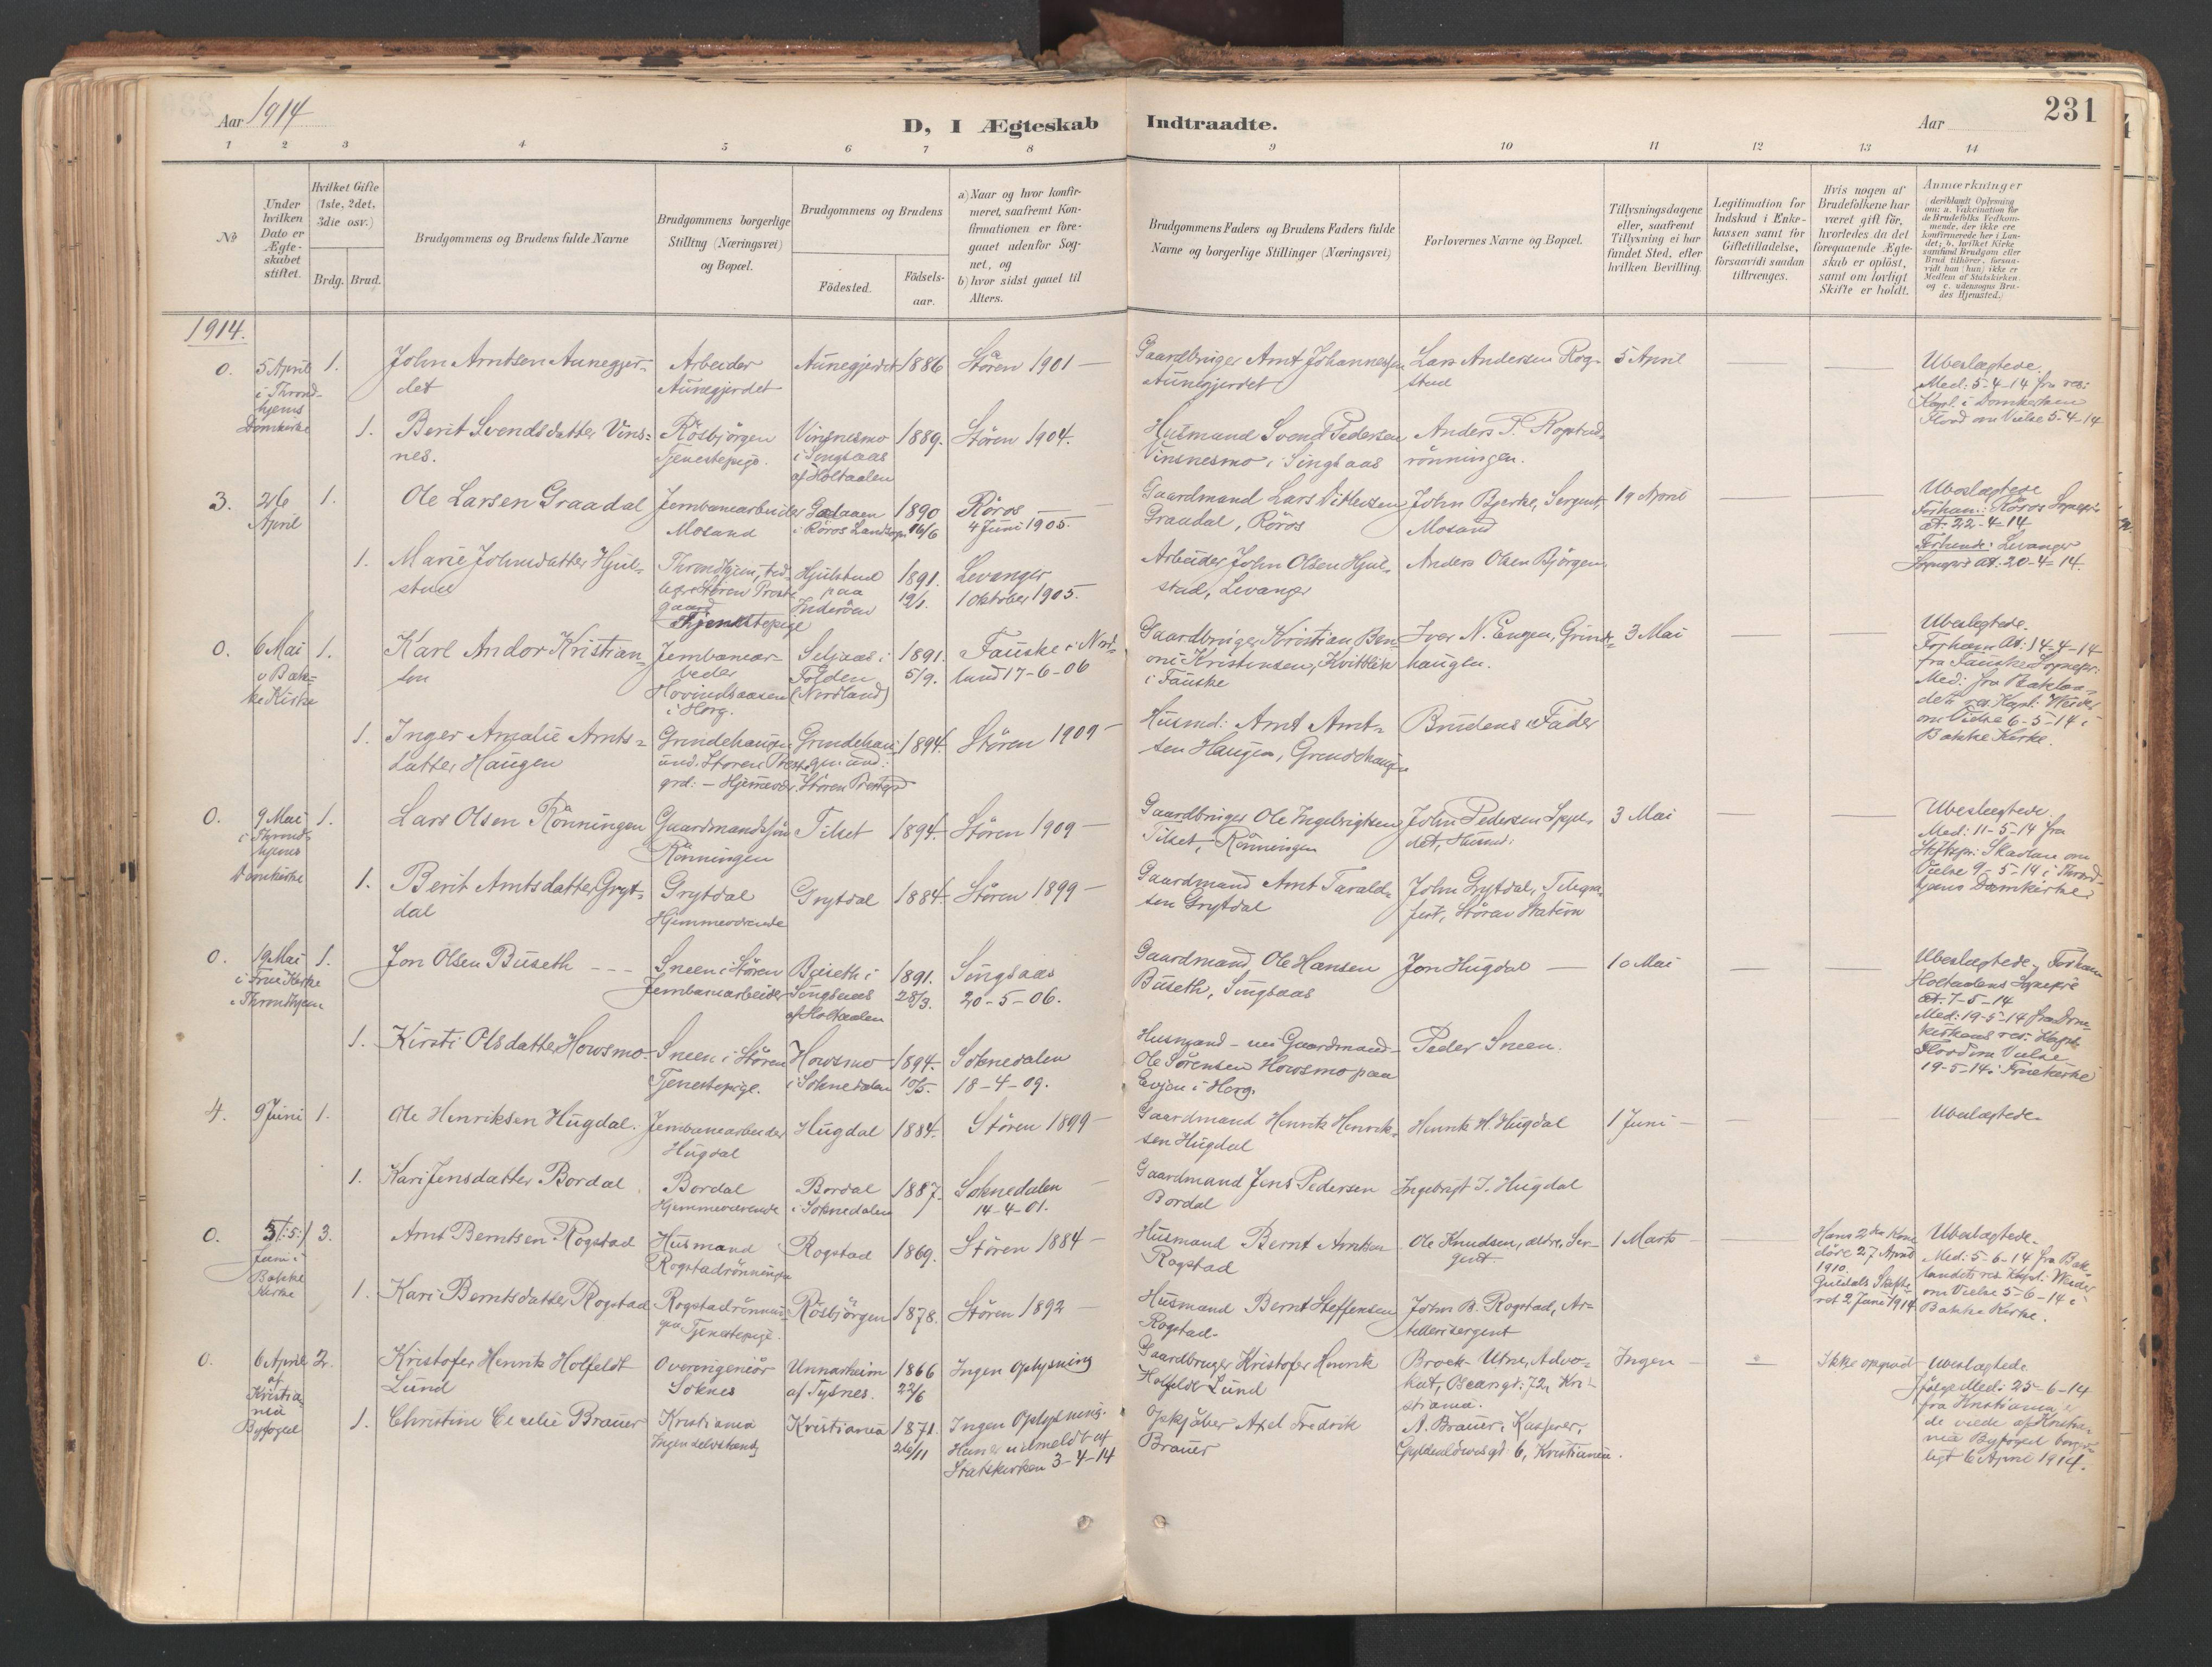 SAT, Ministerialprotokoller, klokkerbøker og fødselsregistre - Sør-Trøndelag, 687/L1004: Ministerialbok nr. 687A10, 1891-1923, s. 231